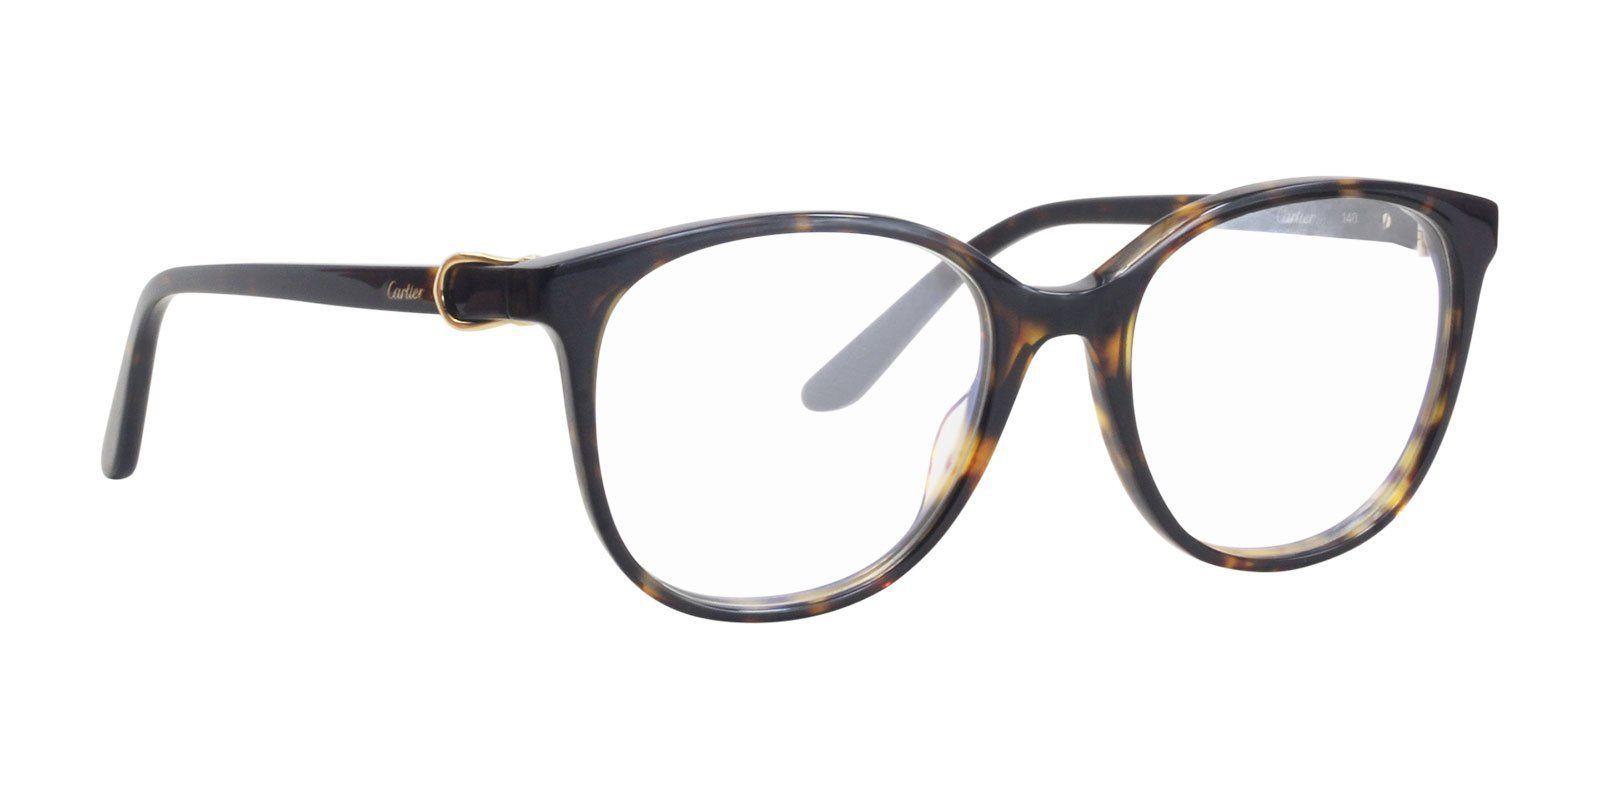 3e338336e90d Cartier - Signature C de Cartier CT0007O - 002 eyeglasses